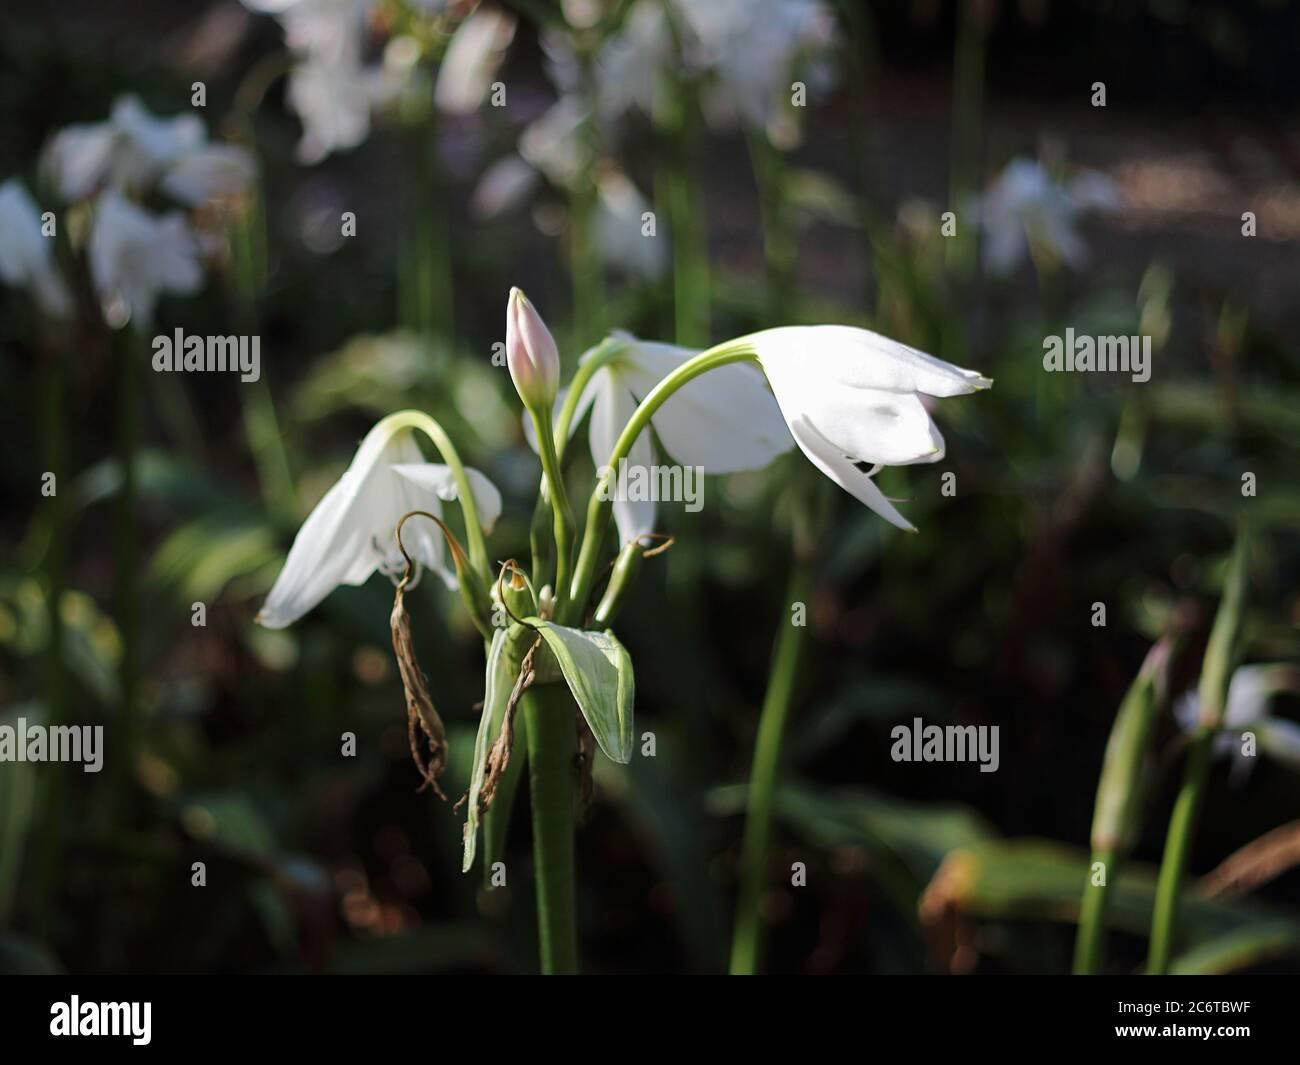 Crinum Lily. Parque de La Paloma, Benalmádena, Málaga, Spain. Stock Photo